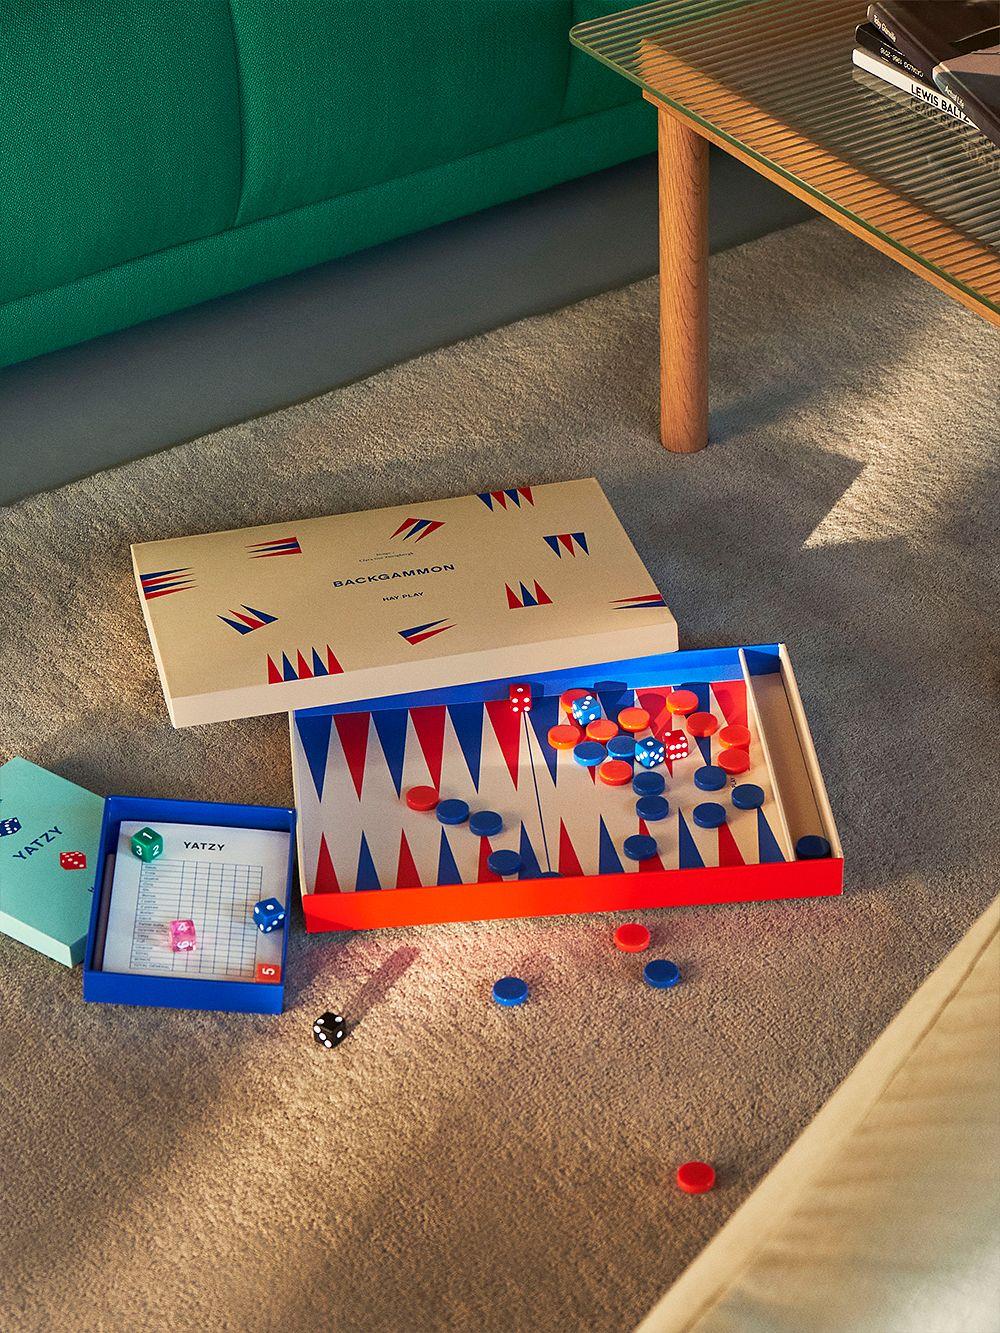 HAY PLAY Backgammon